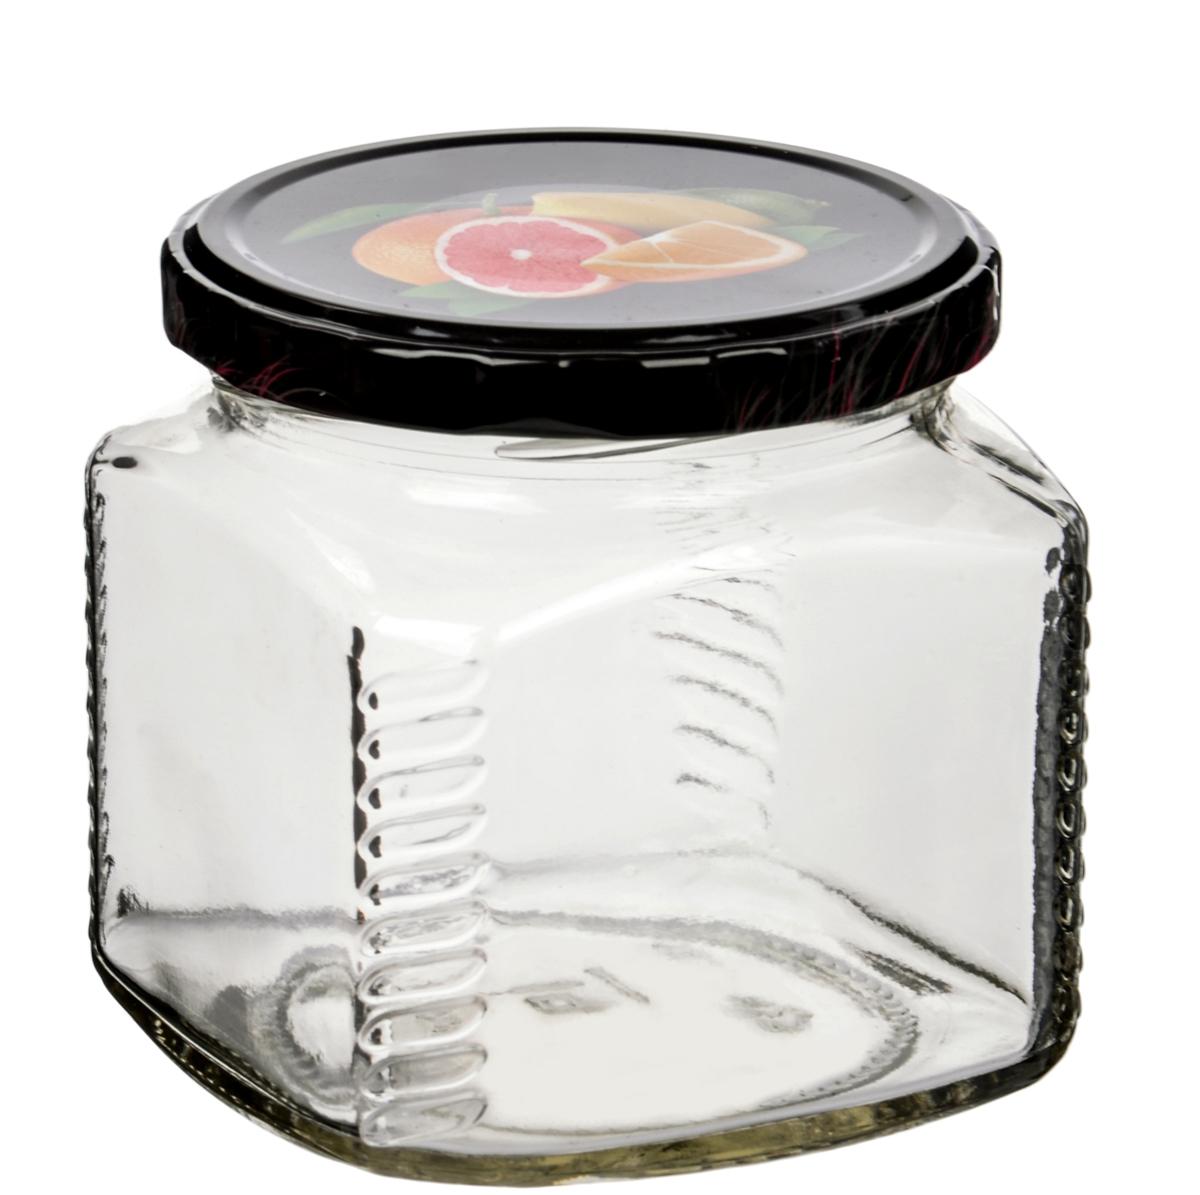 Стекло является инертным материалом, поэтому стеклянная упаковка является самой экологически чистой как для жидких, так и для сыпучих продуктов. В бытовом смысле требования к стеклянной посуде достаточно просты: если это емкость для сыпучих или банка для консервирования, она должна быть удобной по форме, гладкой, прозрачной, прочной и хорошо закрываться. Банки имеют металлические закручивающиеся крышки. Изделия из стекла без металлических деталей можно использовать в СВЧ и мыть в ПММ.